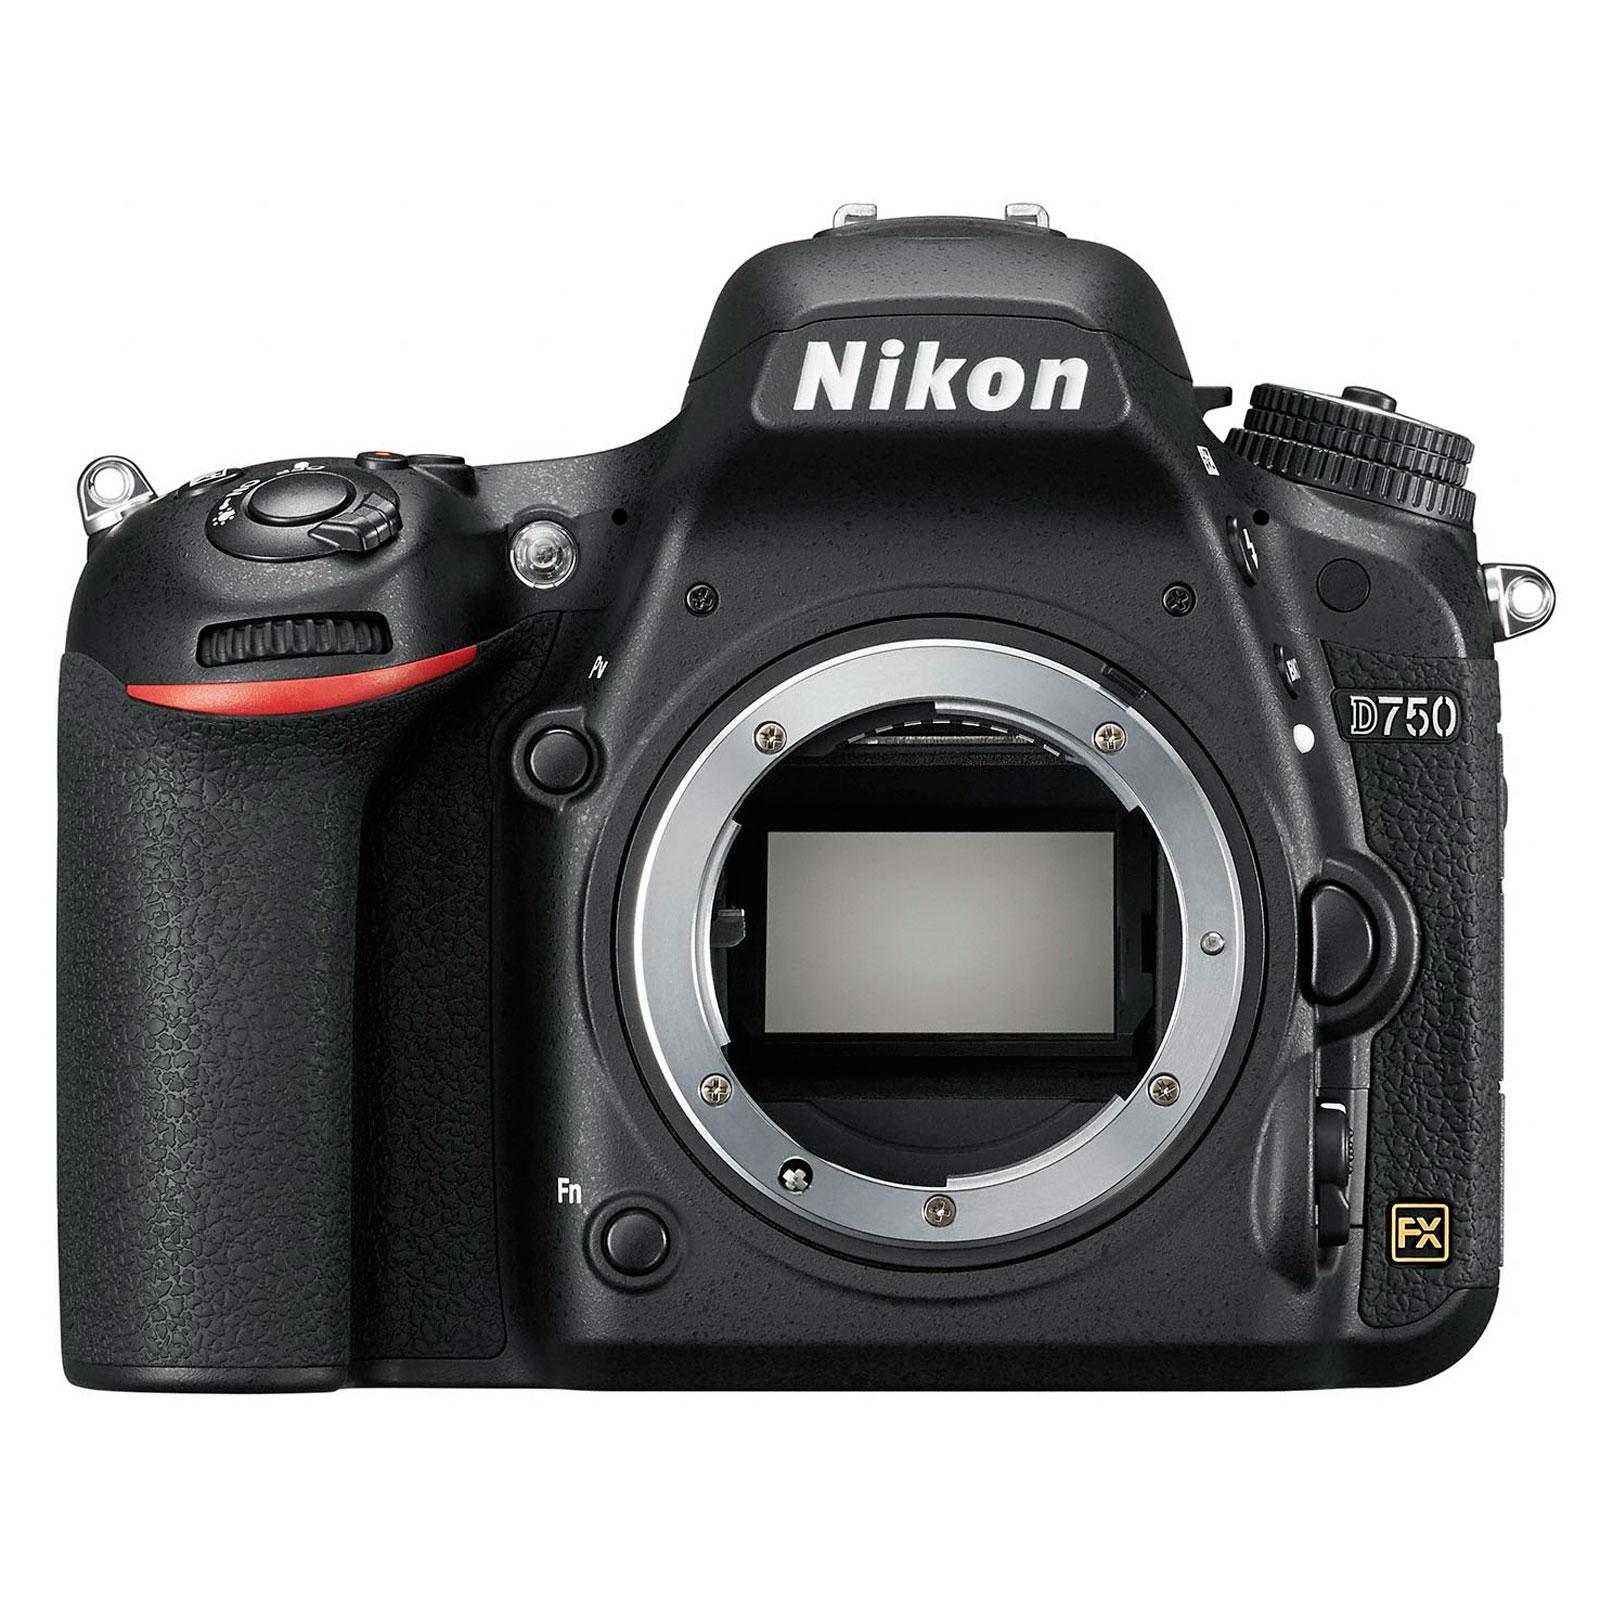 """Appareil photo Reflex Nikon D750 (boîtier nu) Réflex Numérique 24.3 MP - Ecran inclinable 3.2"""" - Vidéo Full HD 1080p - Wi-Fi"""